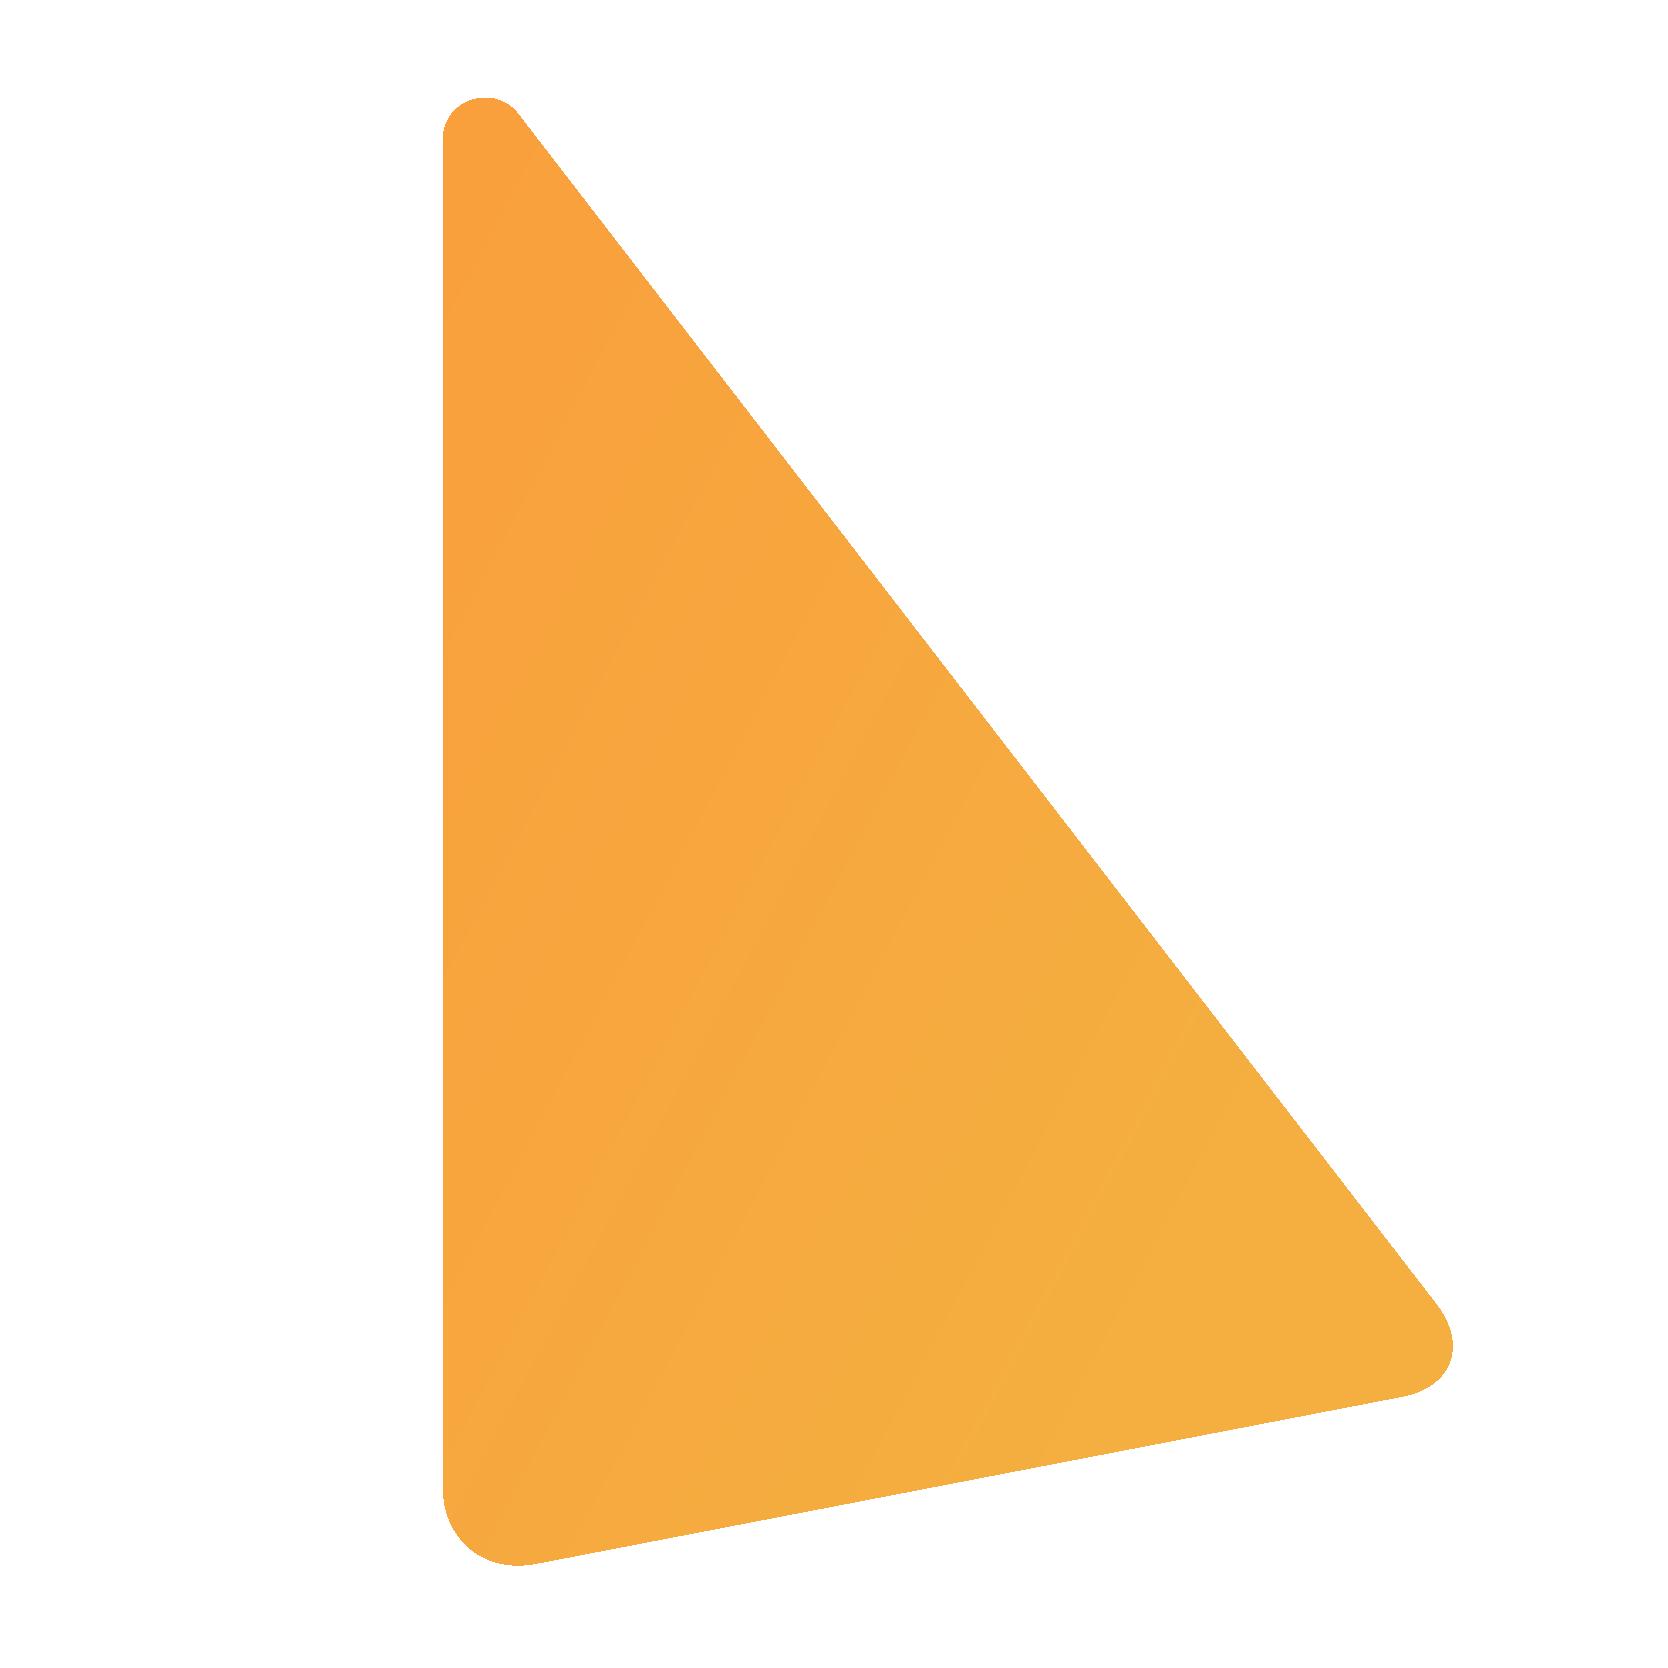 Mozaik-Dreieck-orange-3